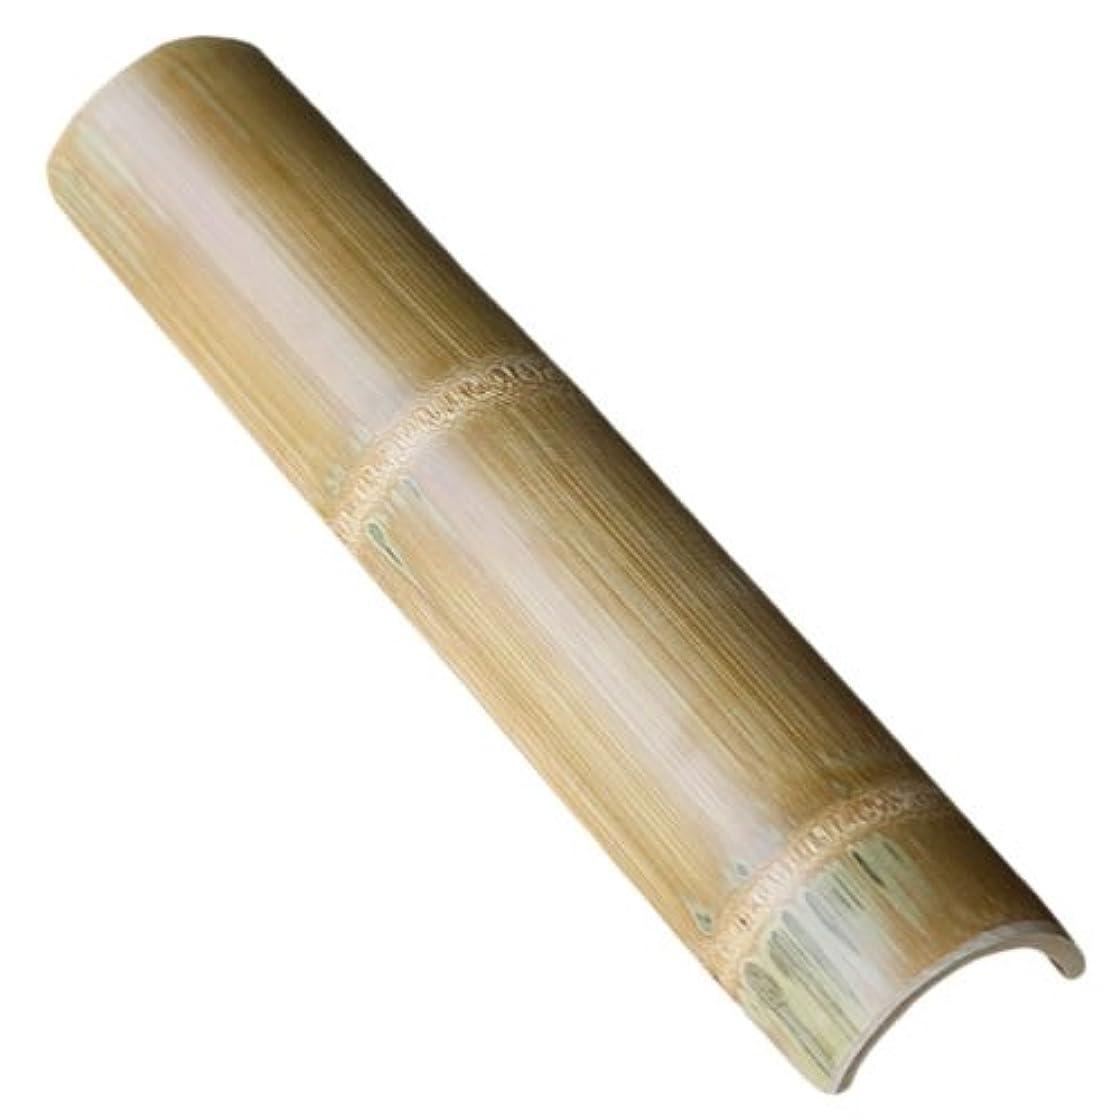 靄苦いブラシ【国産】炭化竹踏み 青竹を炭化加工して防虫、防カビ効果を向上させて美しく磨き上げた丈夫な二節付の竹踏み